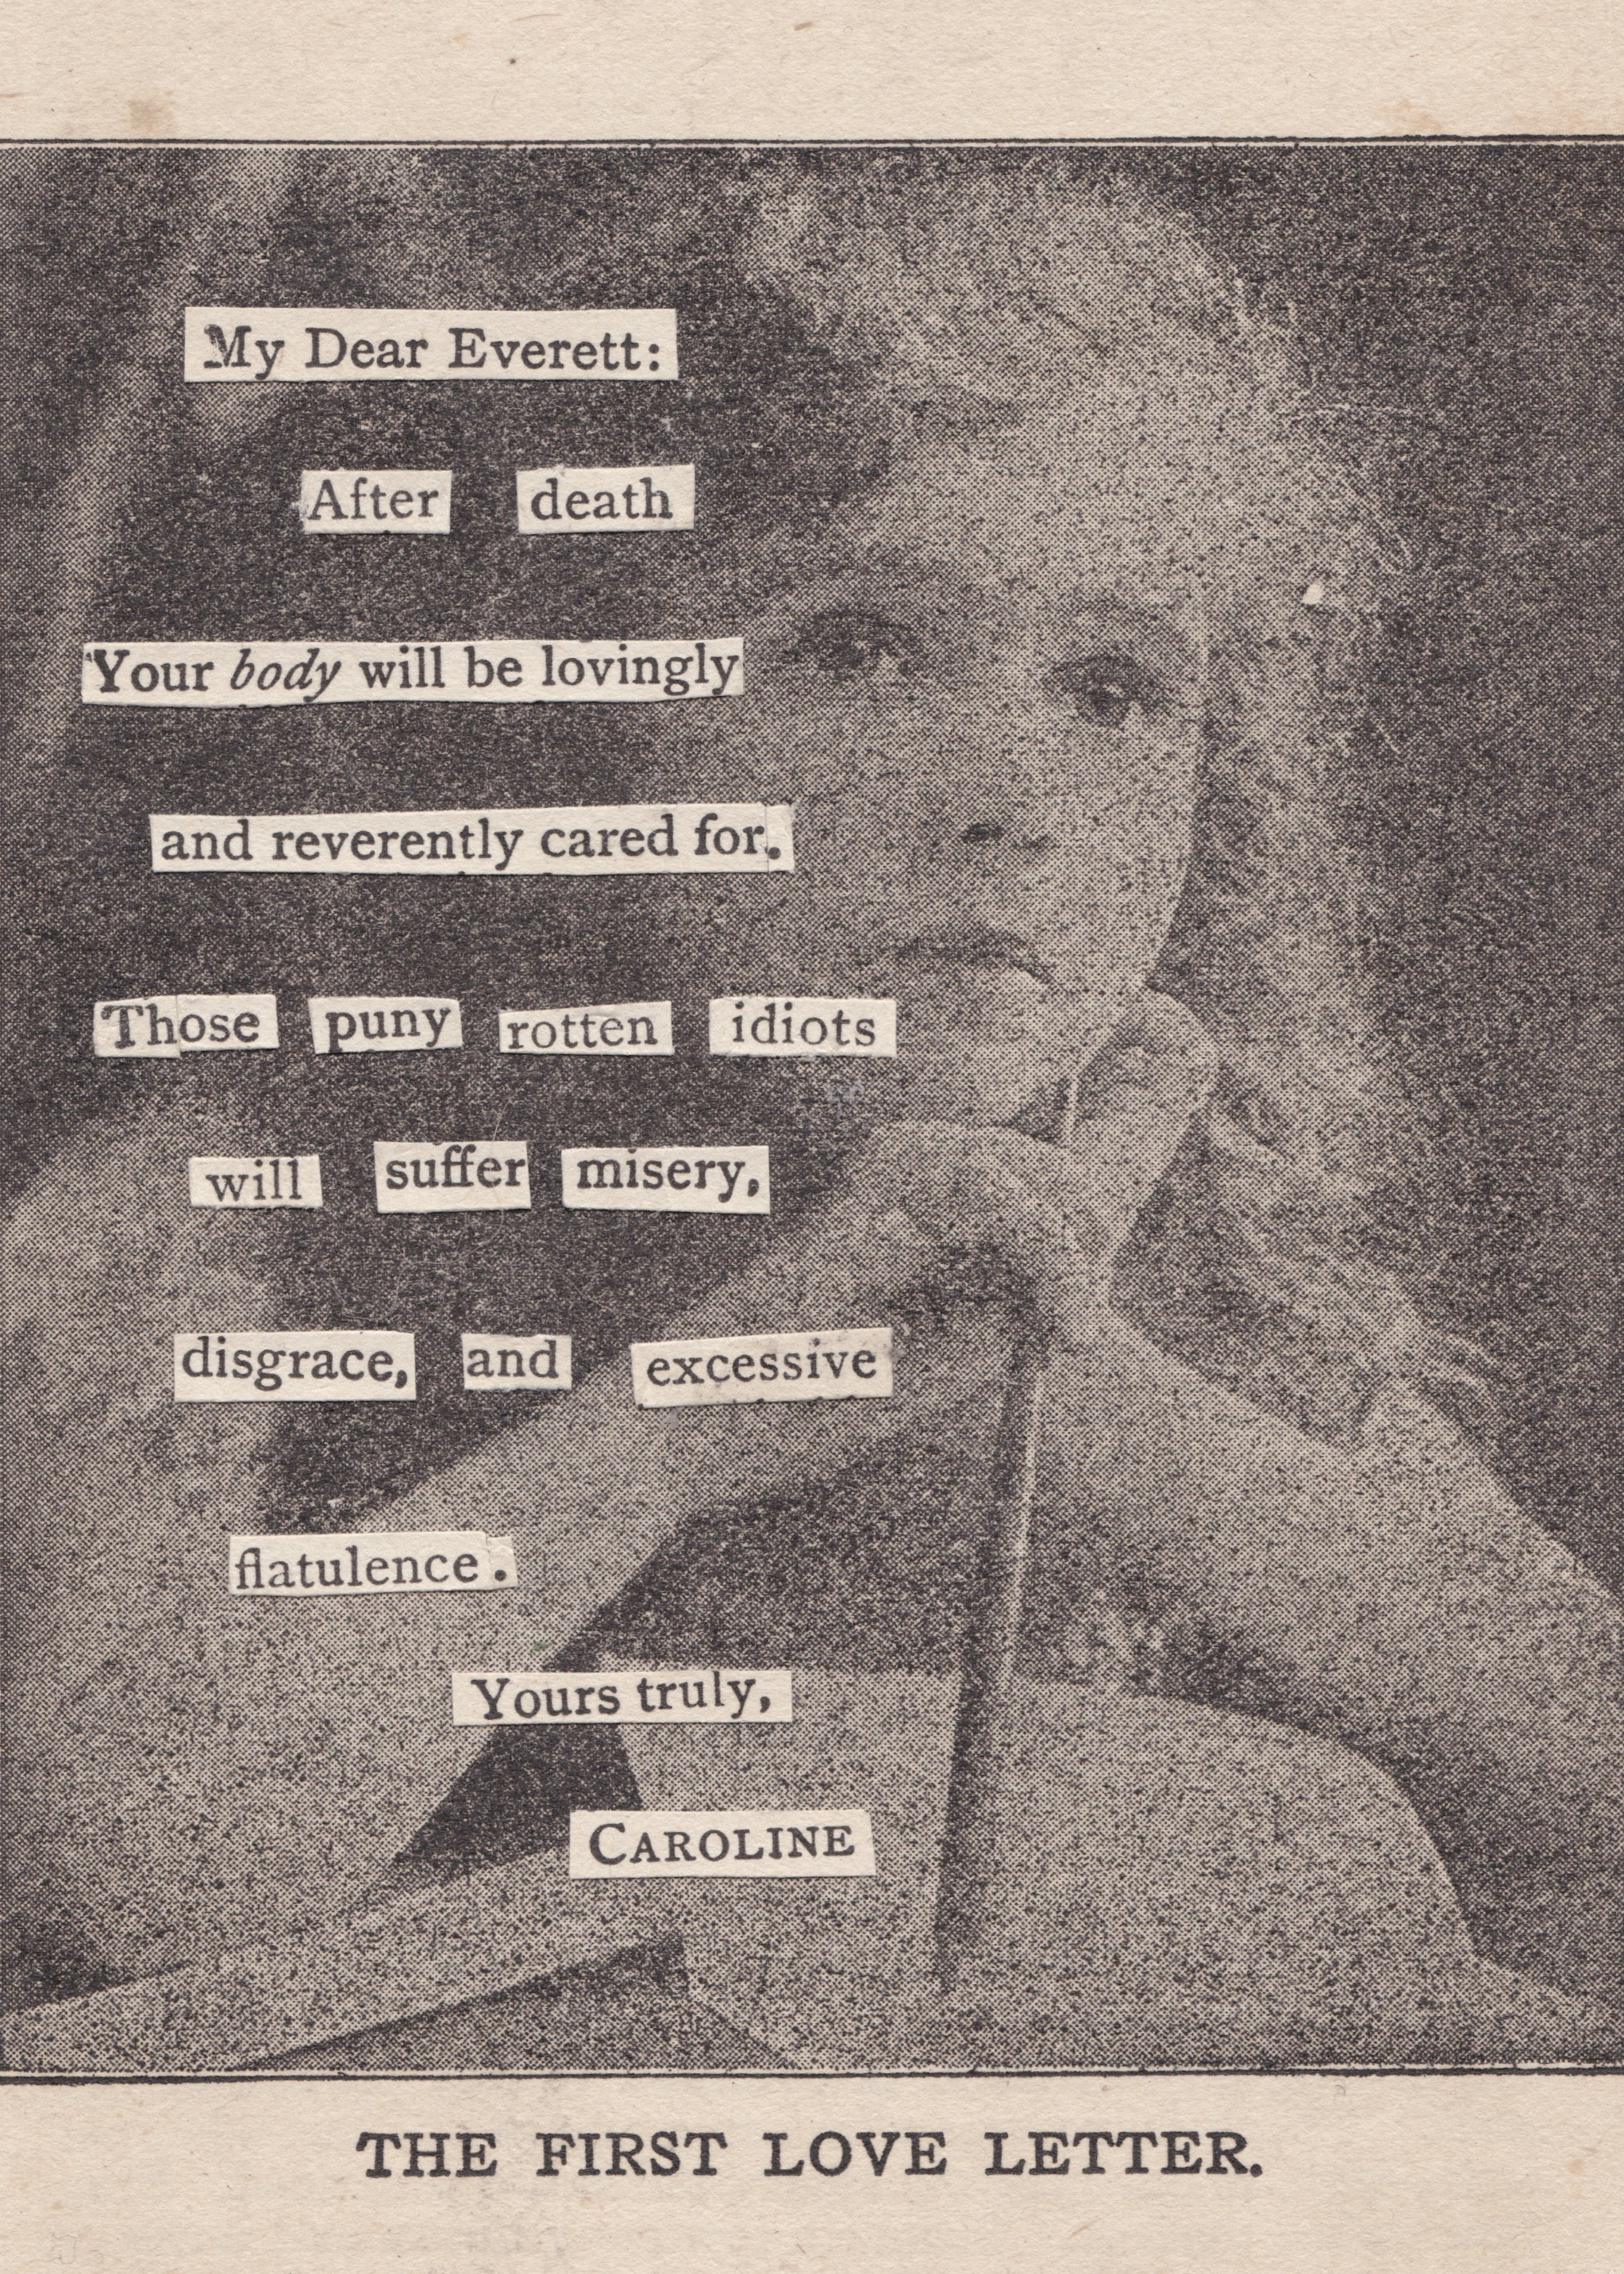 first love letter.jpg